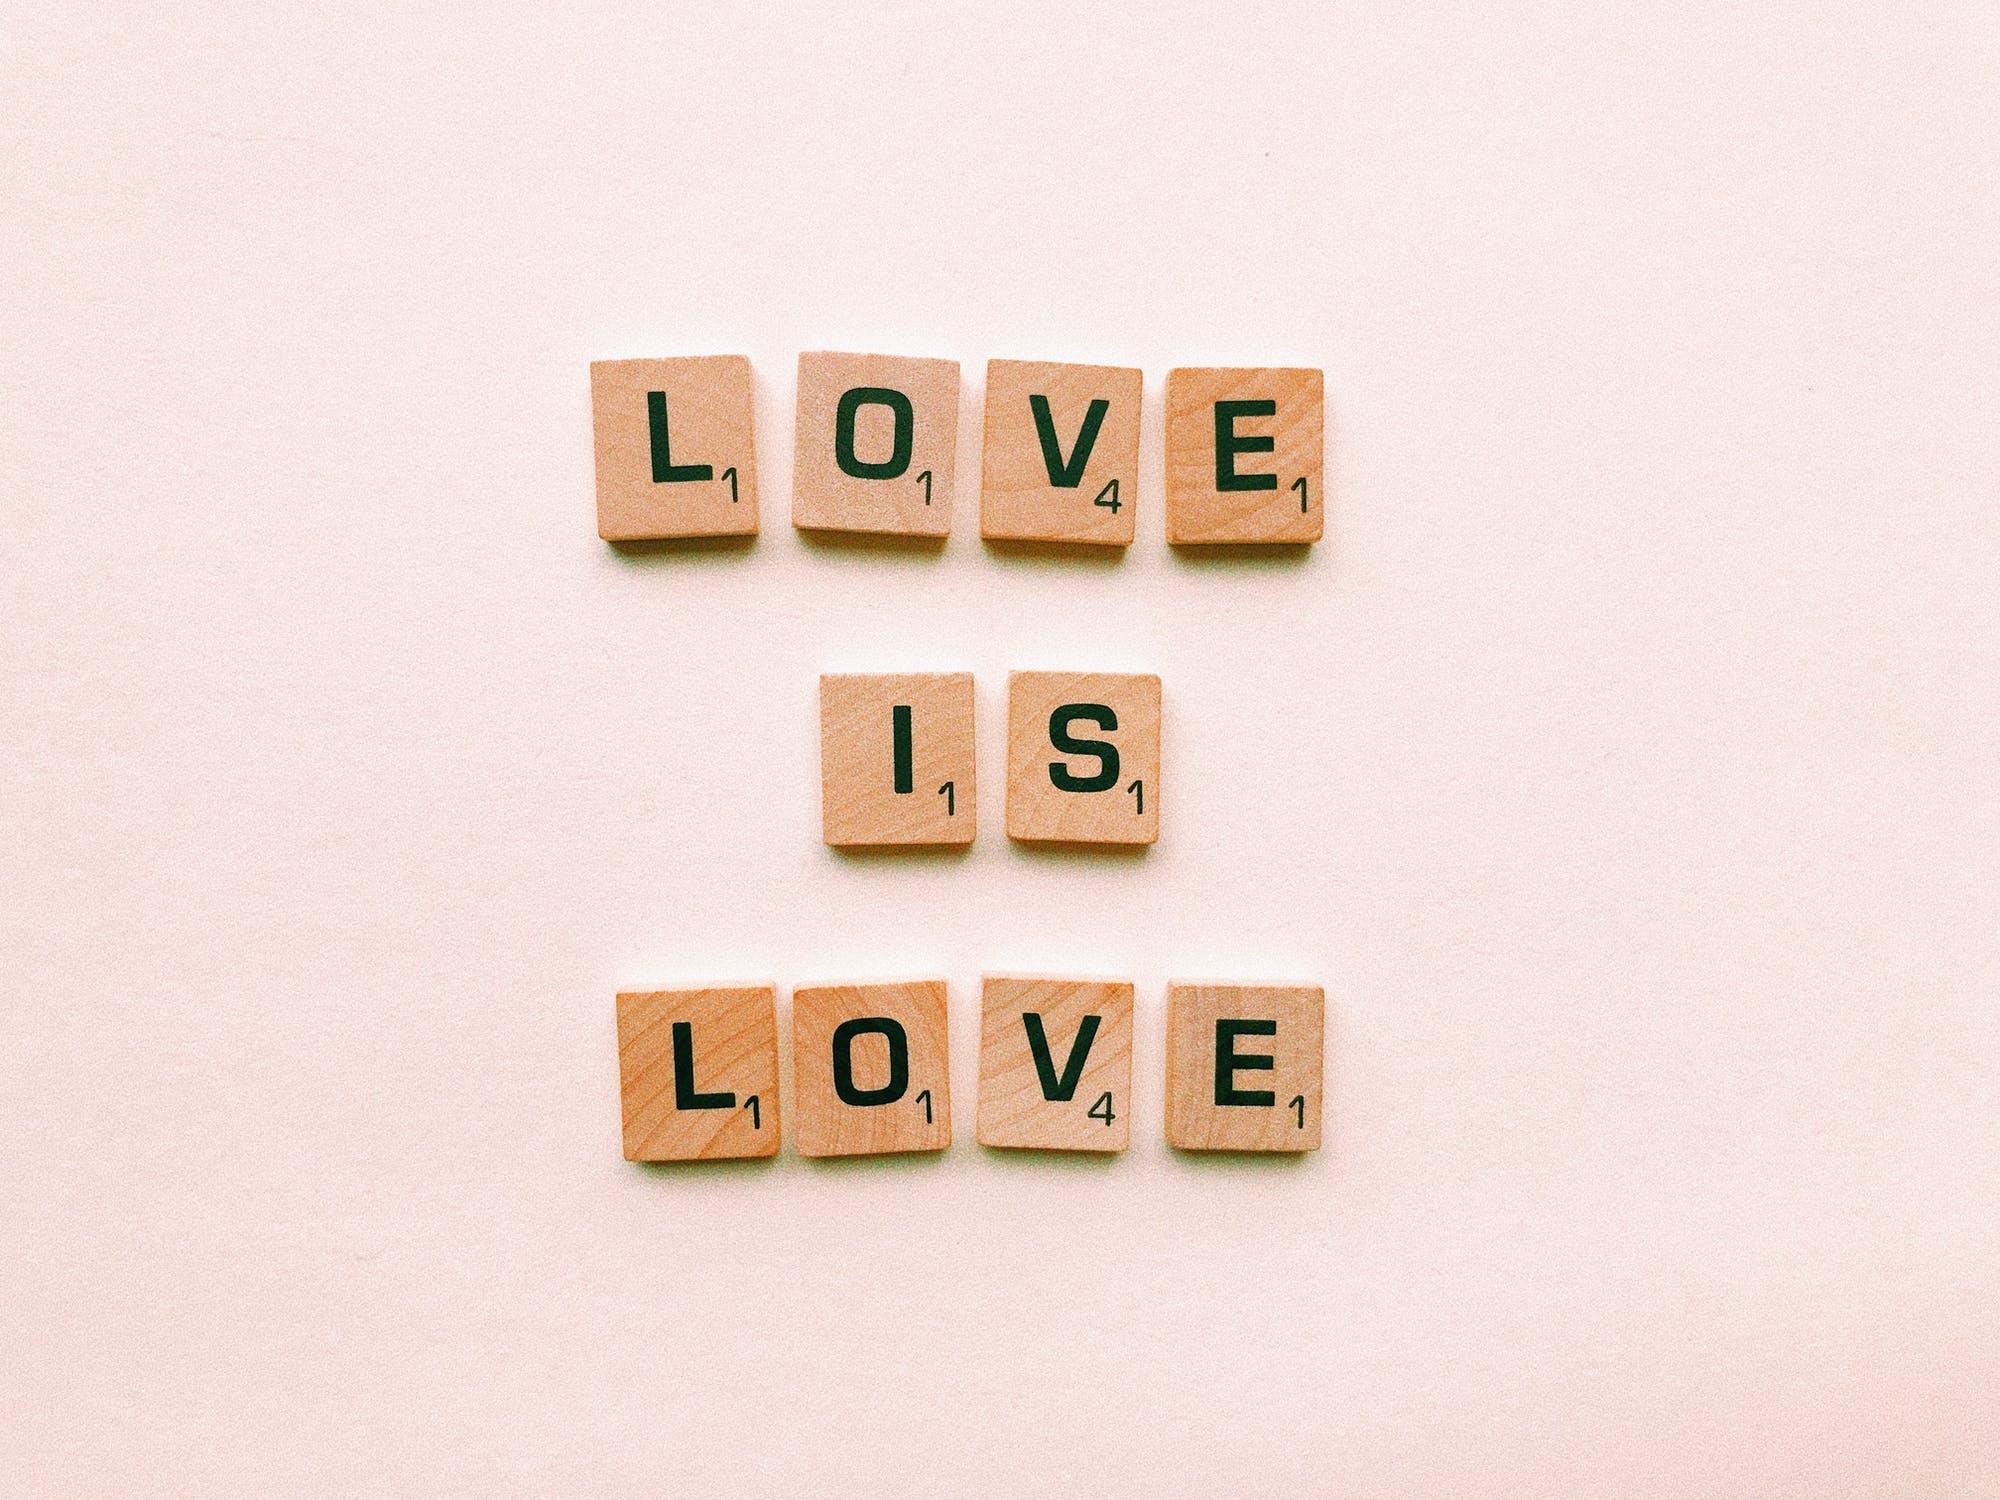 Über die Zukunft der Liebe